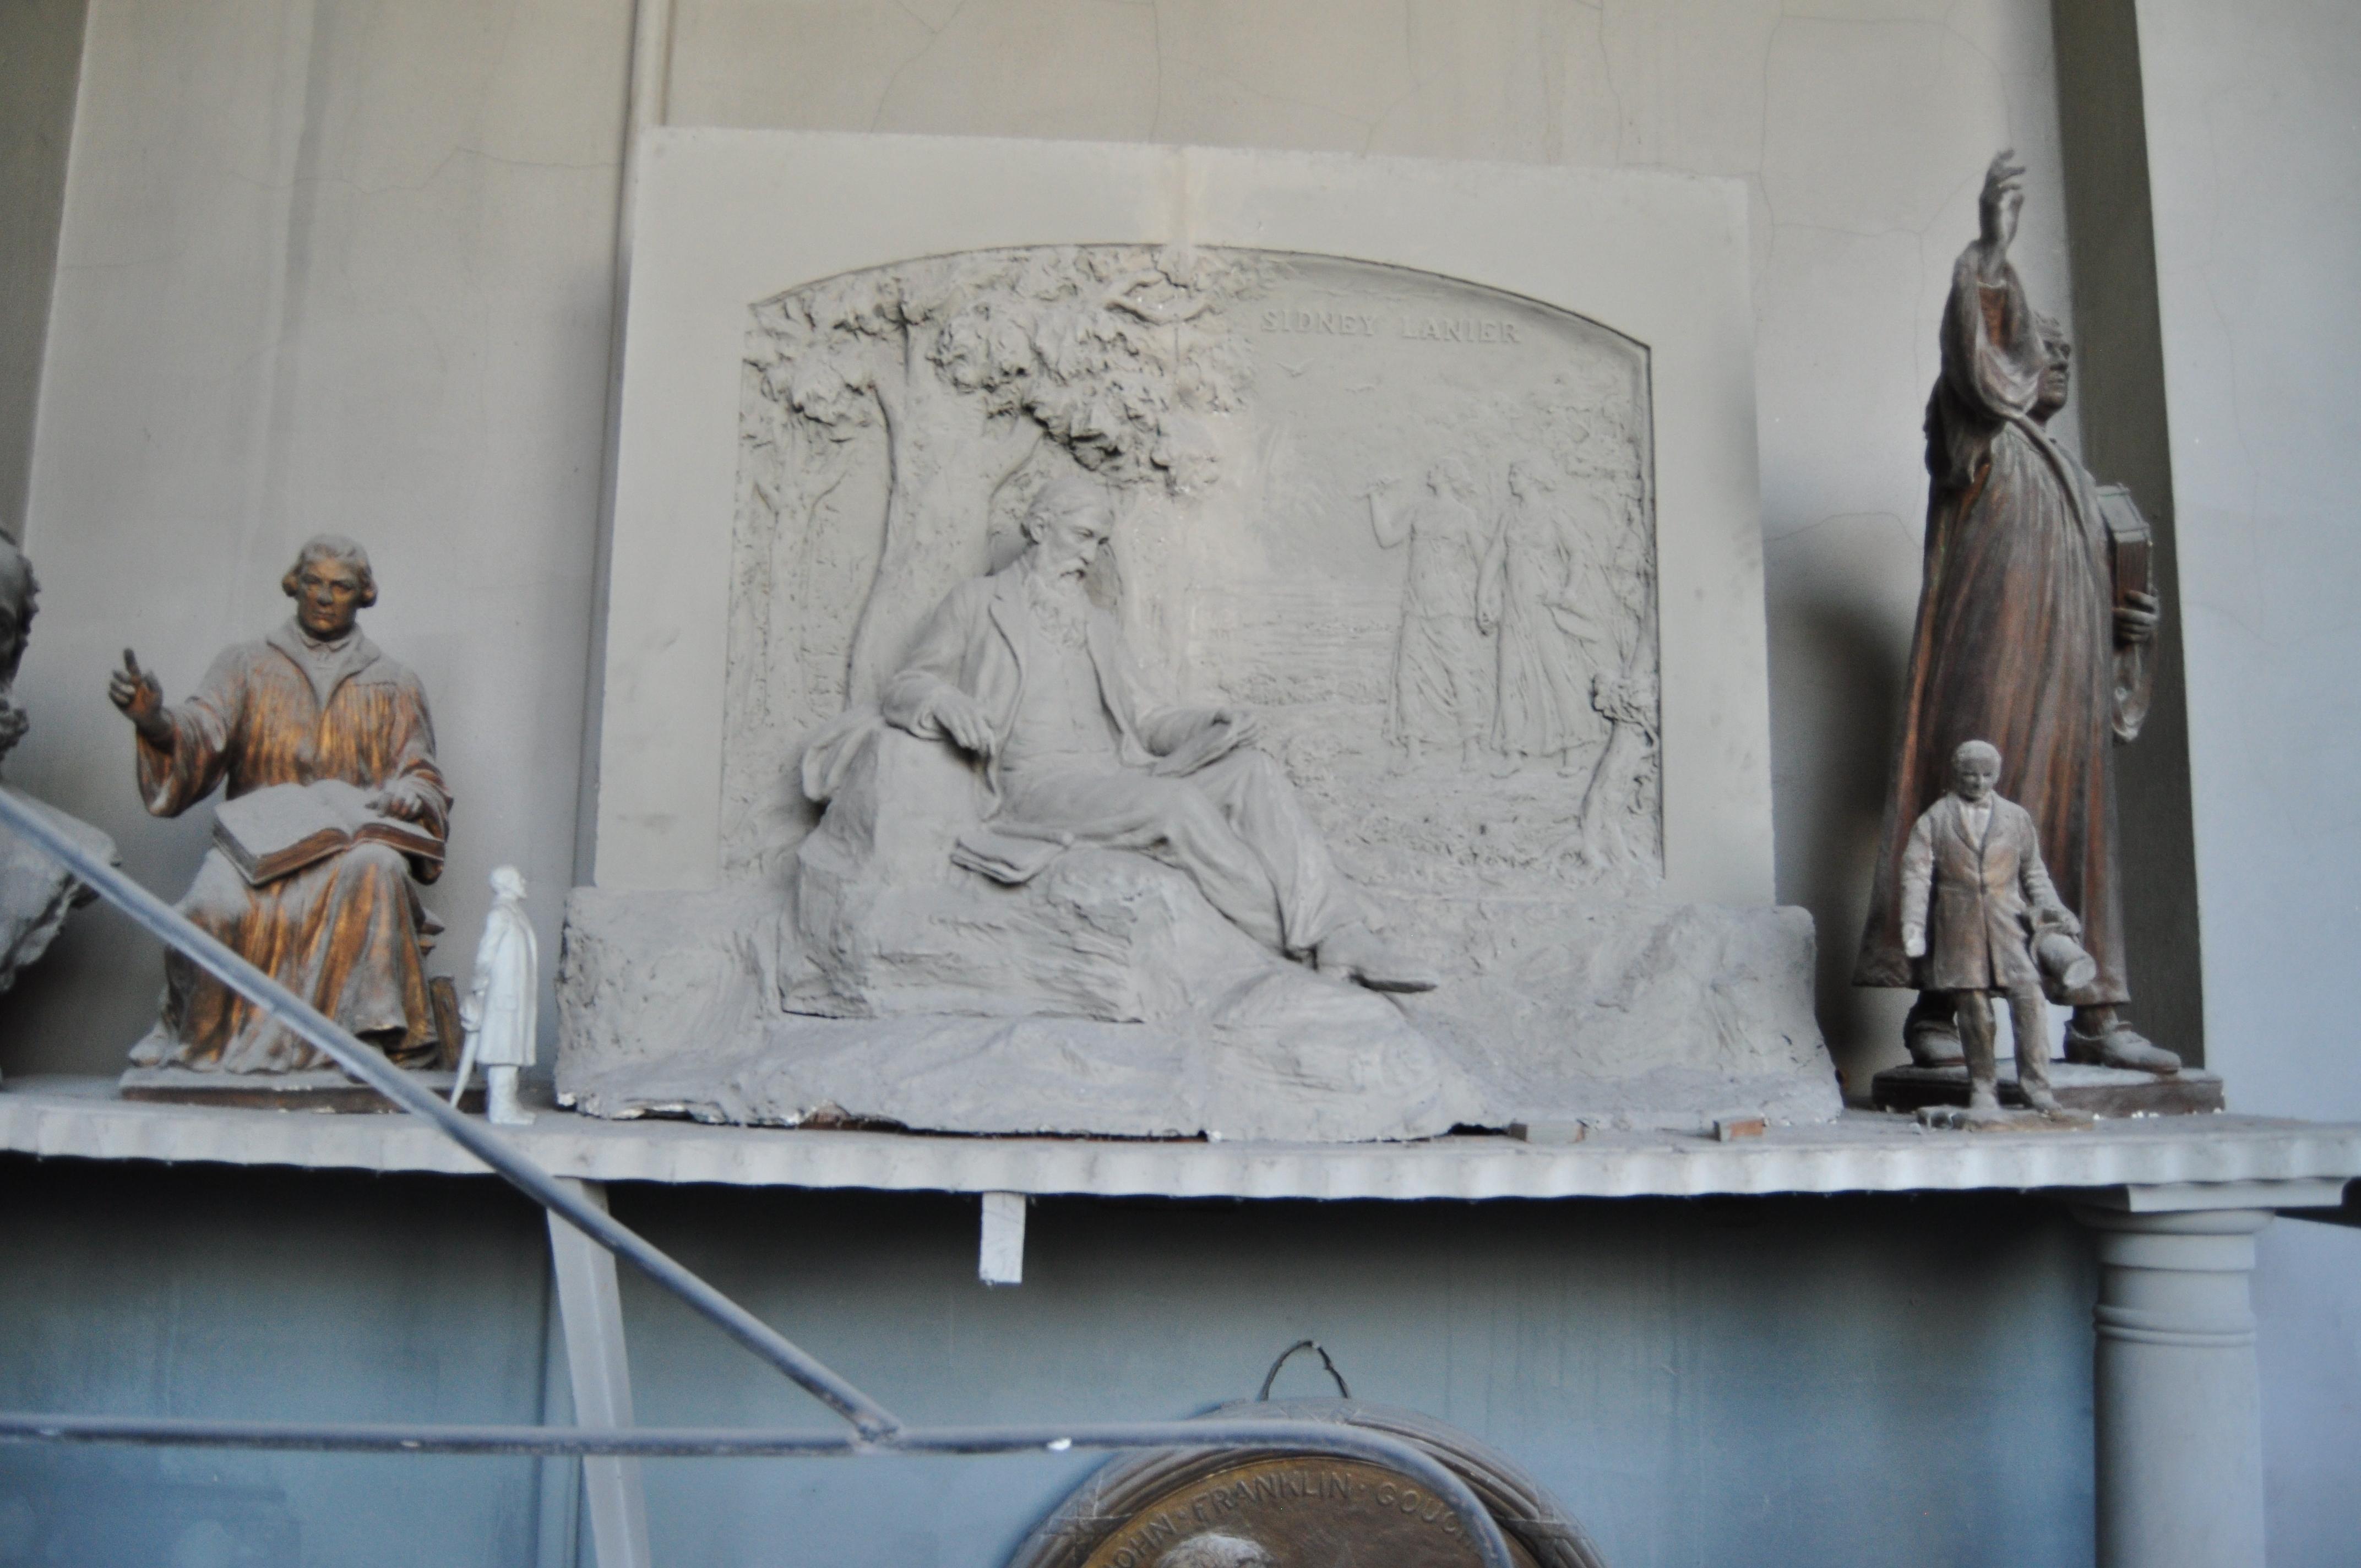 Hans Schuler Sydney Lanier Relief